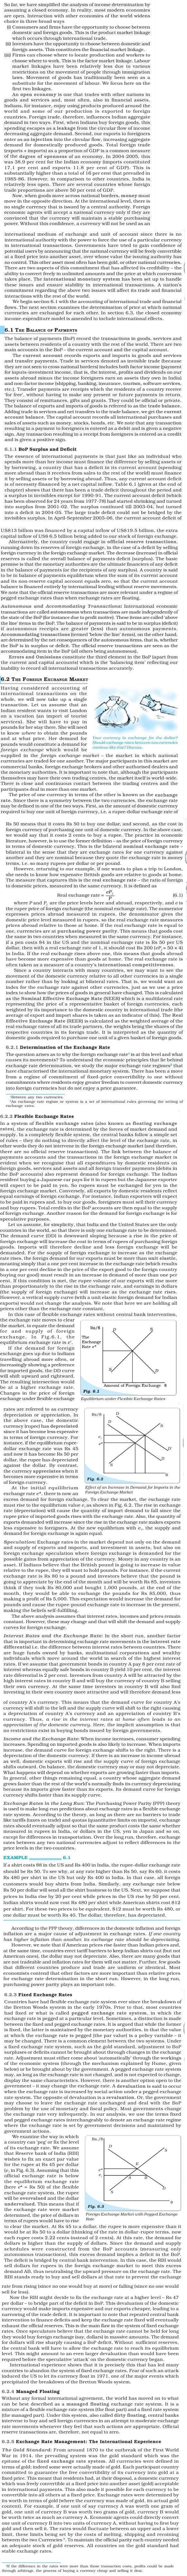 NCERT Class XII Economics Macroeconomics - Open Economy Macroeconomics